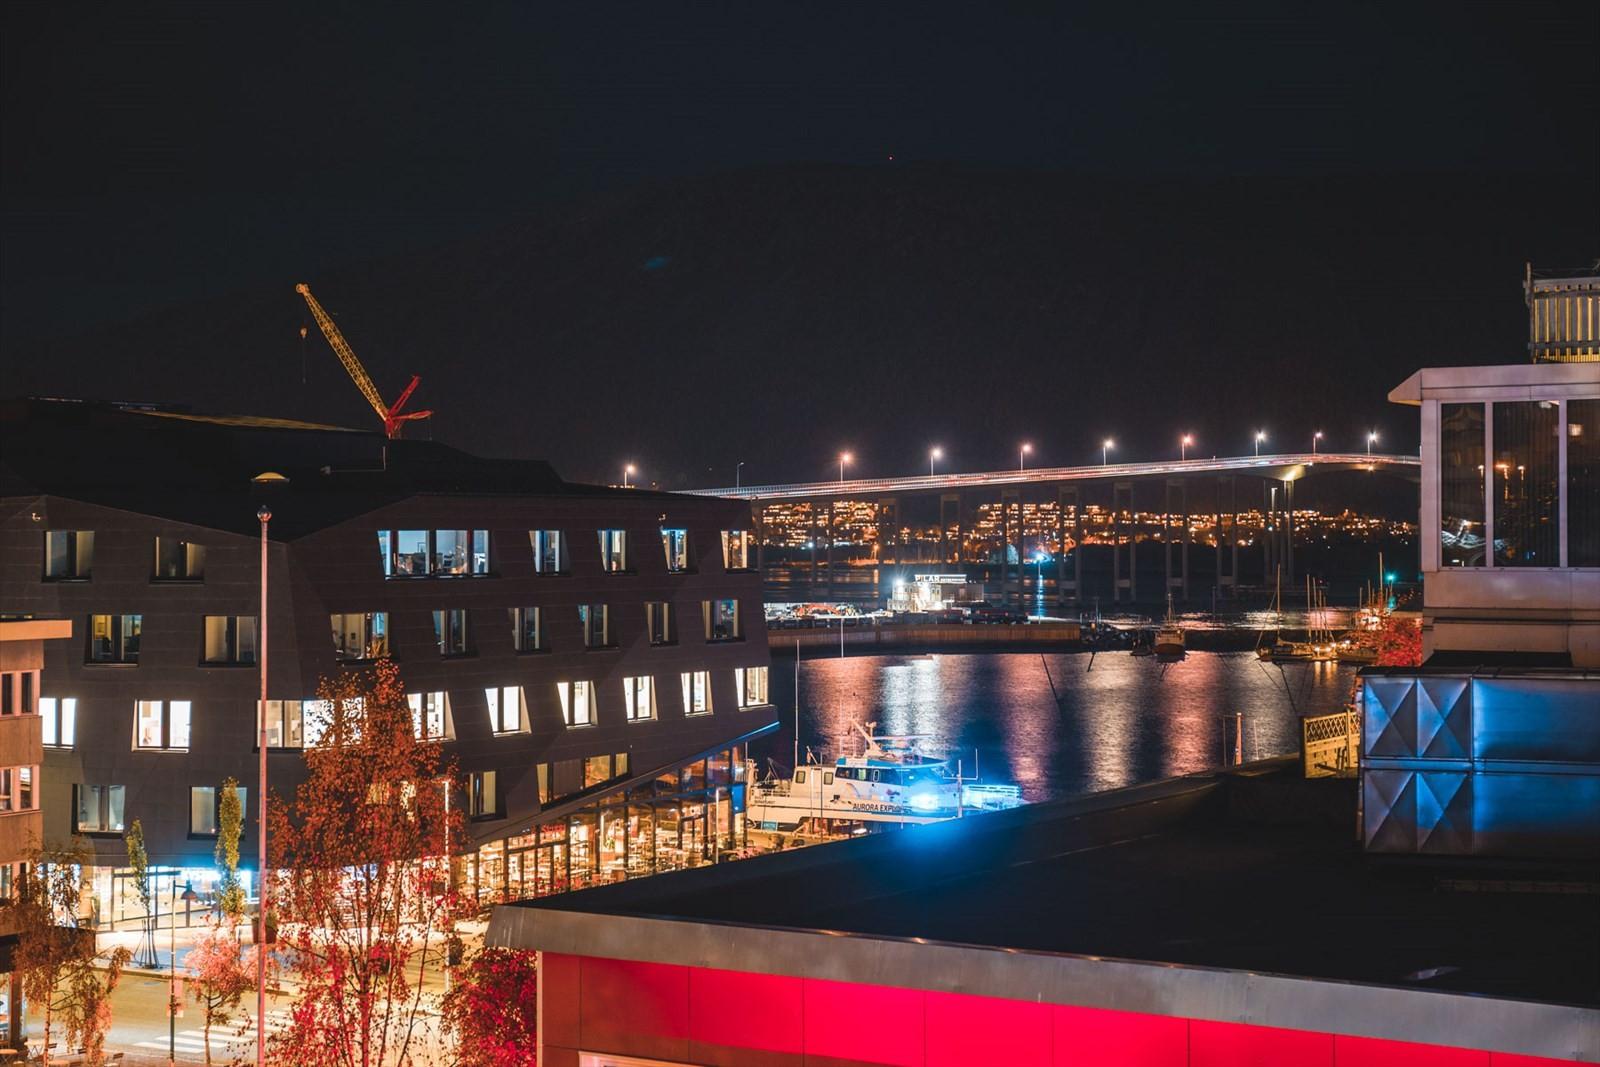 Fra verandaen nytes fantastisk utsikt over indre havn